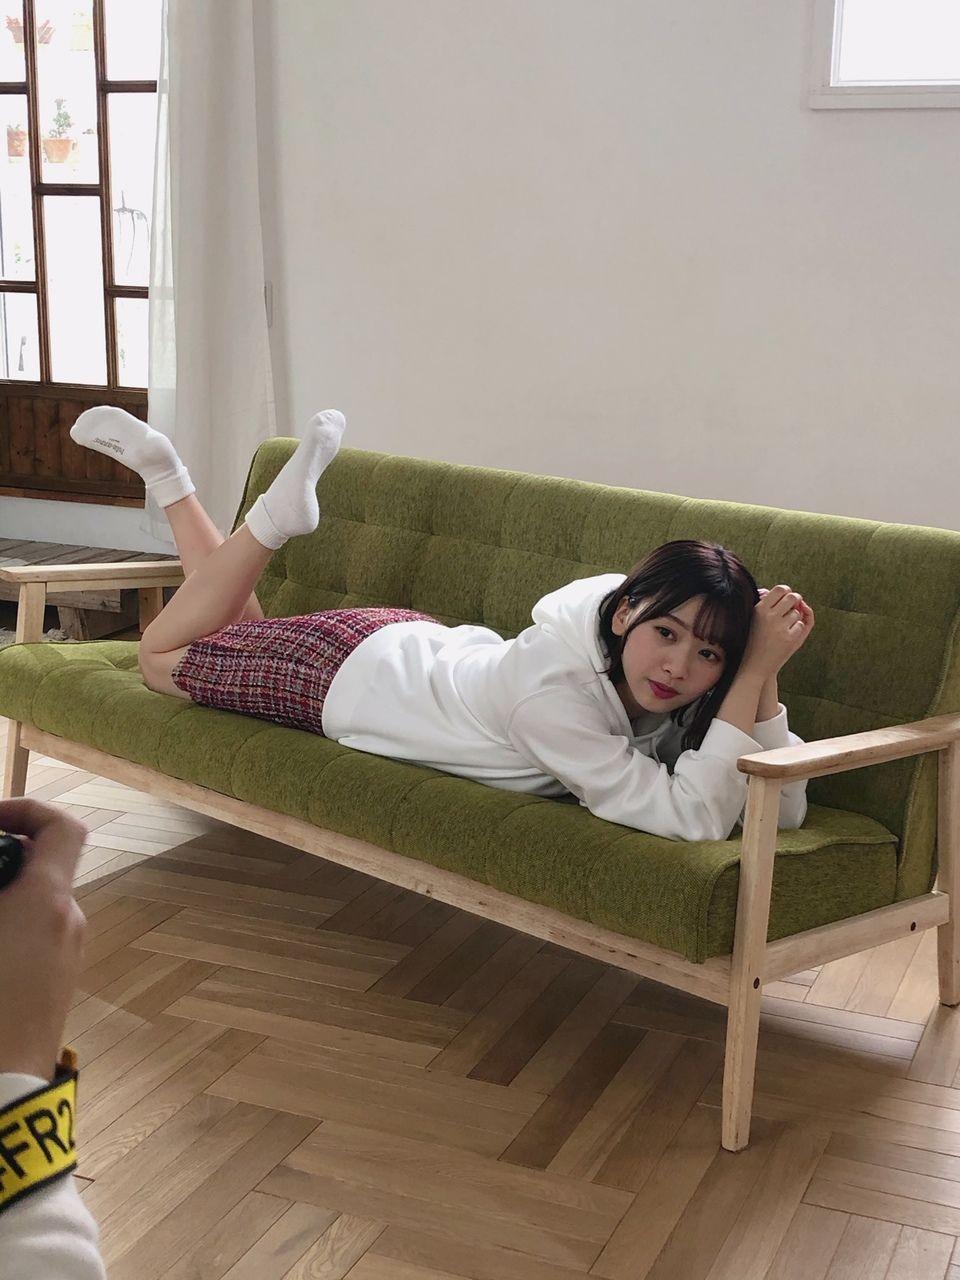 富田 鈴花 公式ブログ 日向坂46公式サイト セクシー靴下 富田 フリルソックス